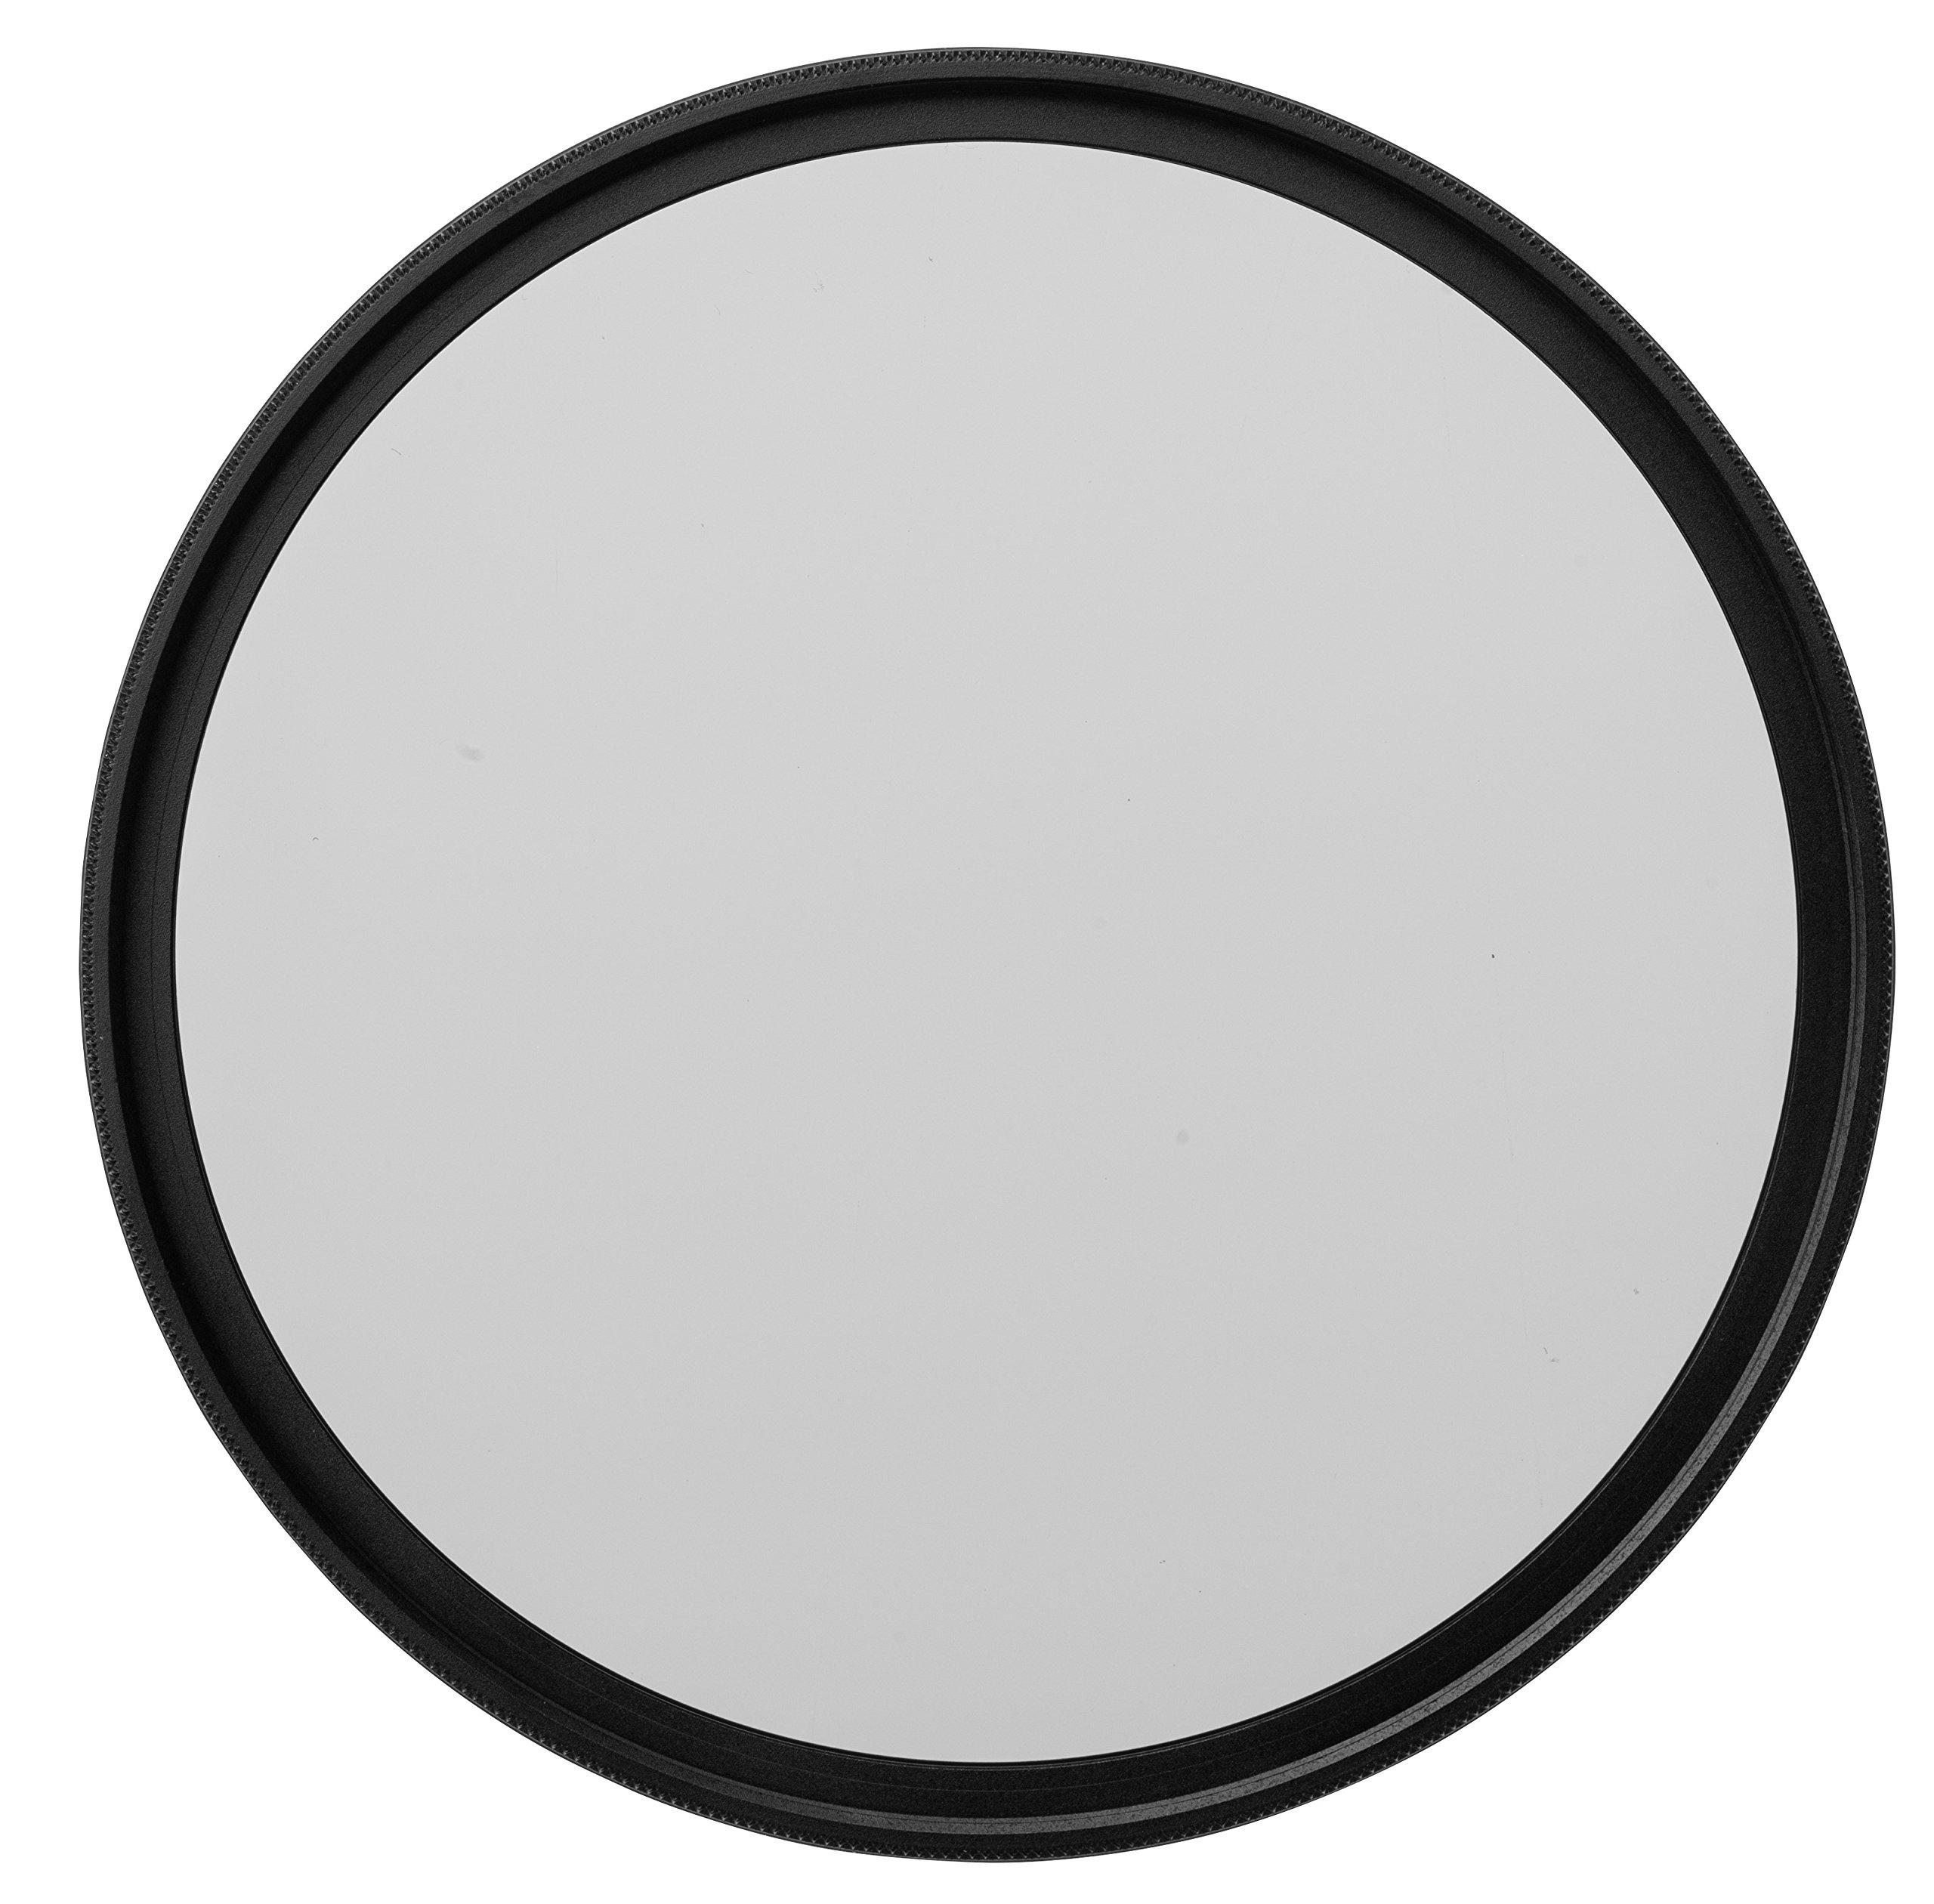 Vu Sion 77mm Slim Circular Polarizing Filter (VSCPOL77) by VU